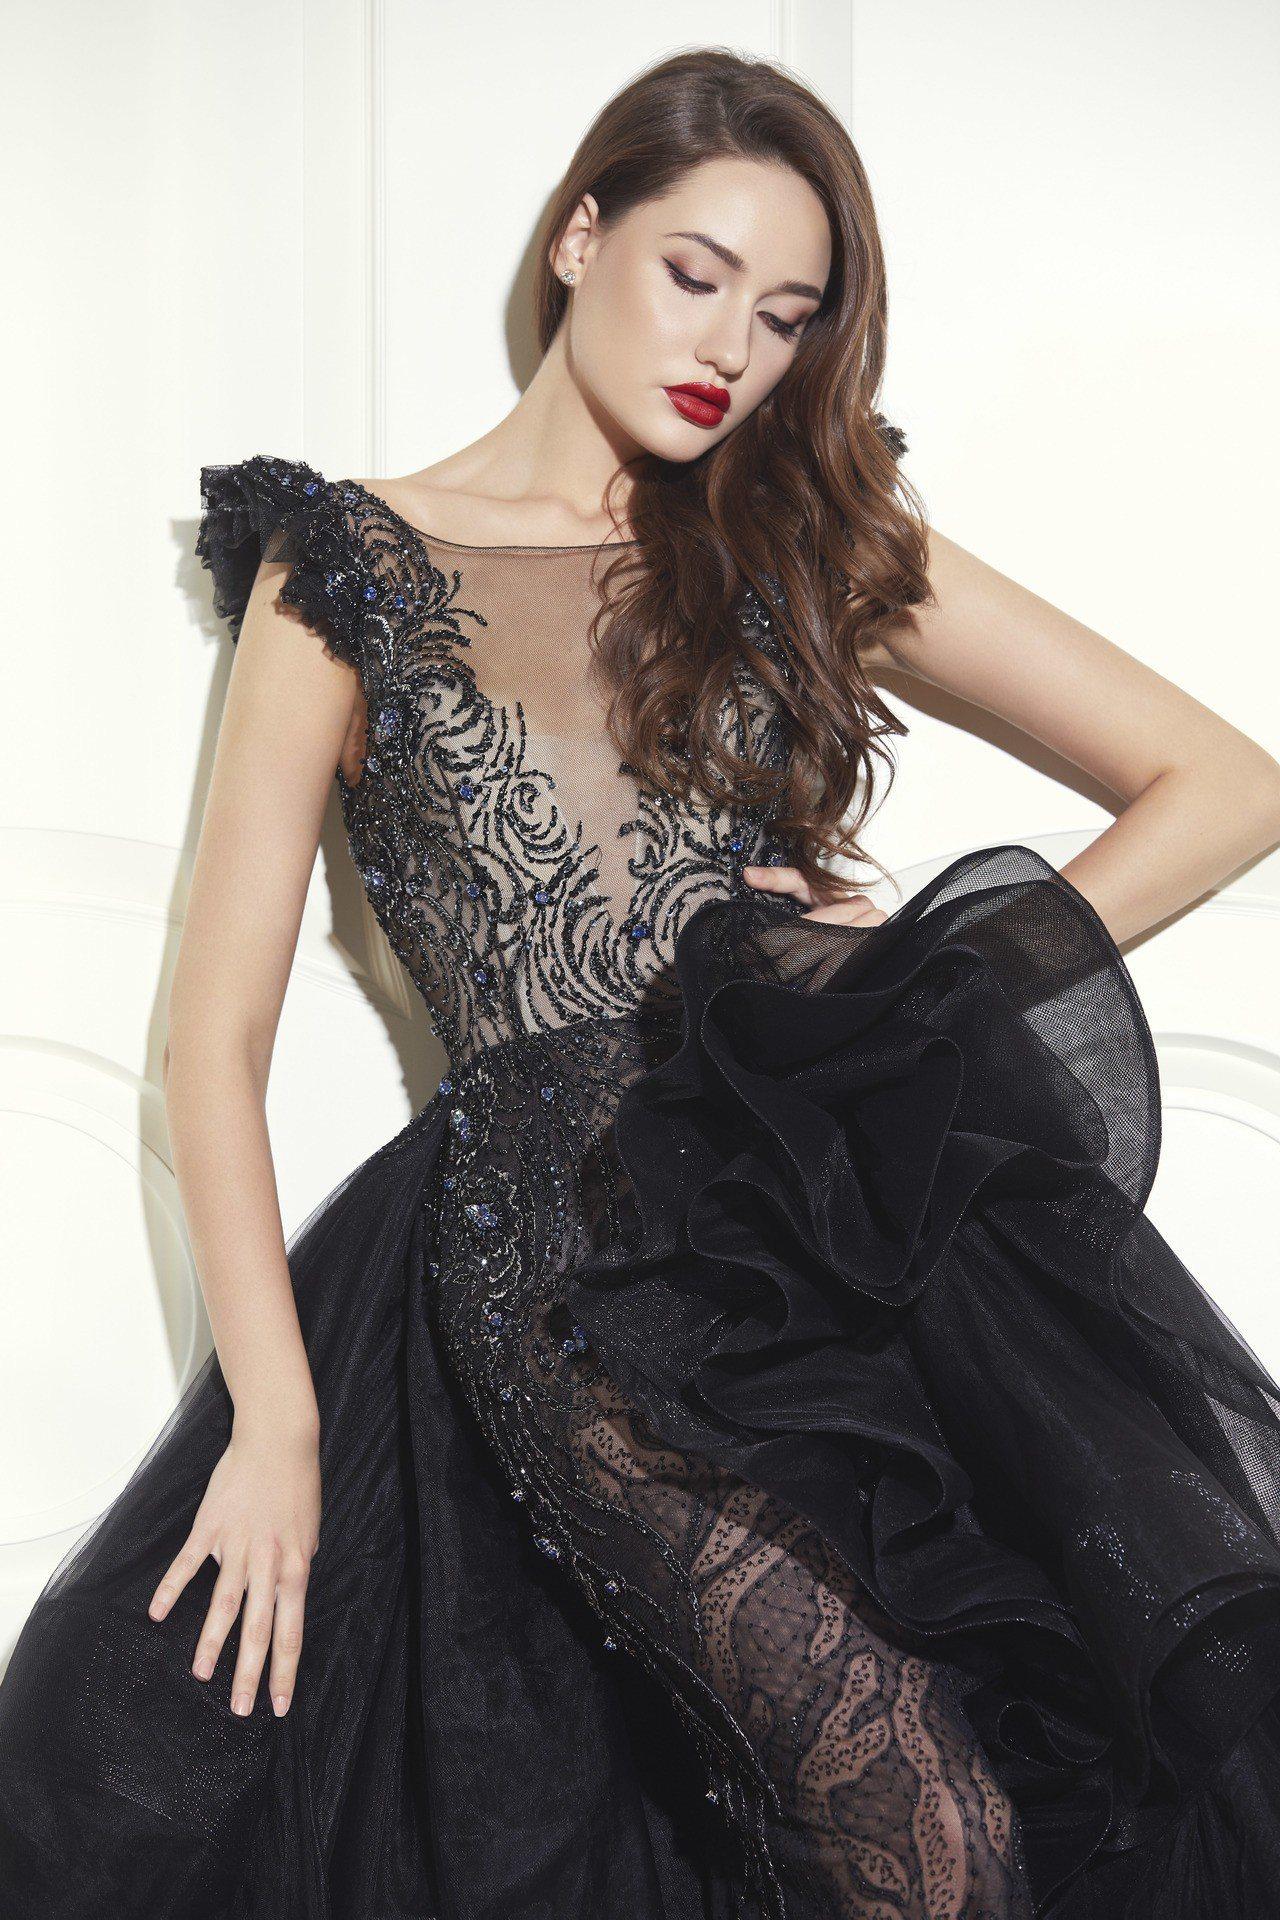 藏藍黑裸紗性感透視晚禮服。圖/Jasmine Galleria提供